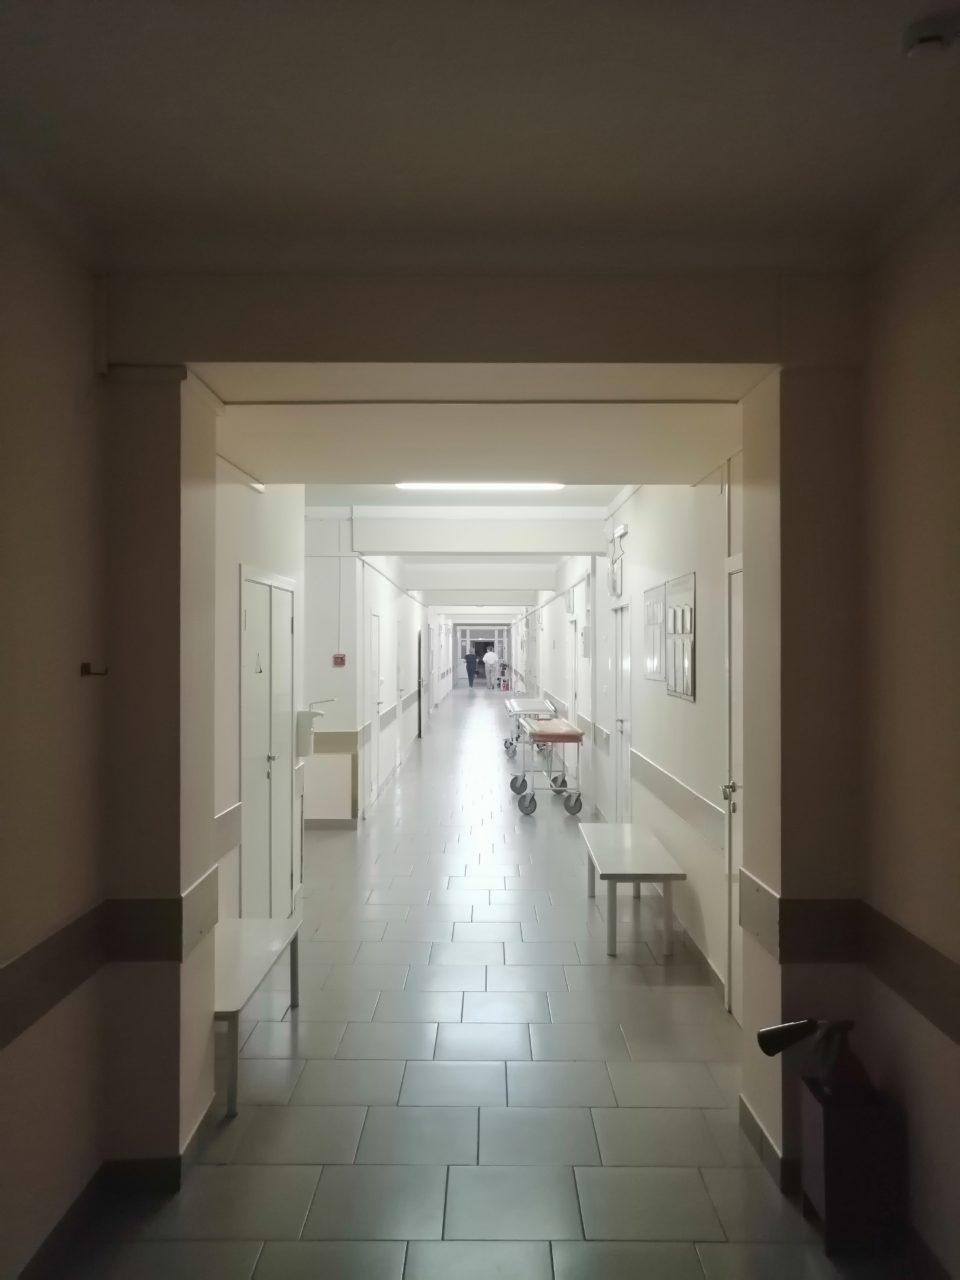 Больница Геленджика — коридор отделения трвматологии